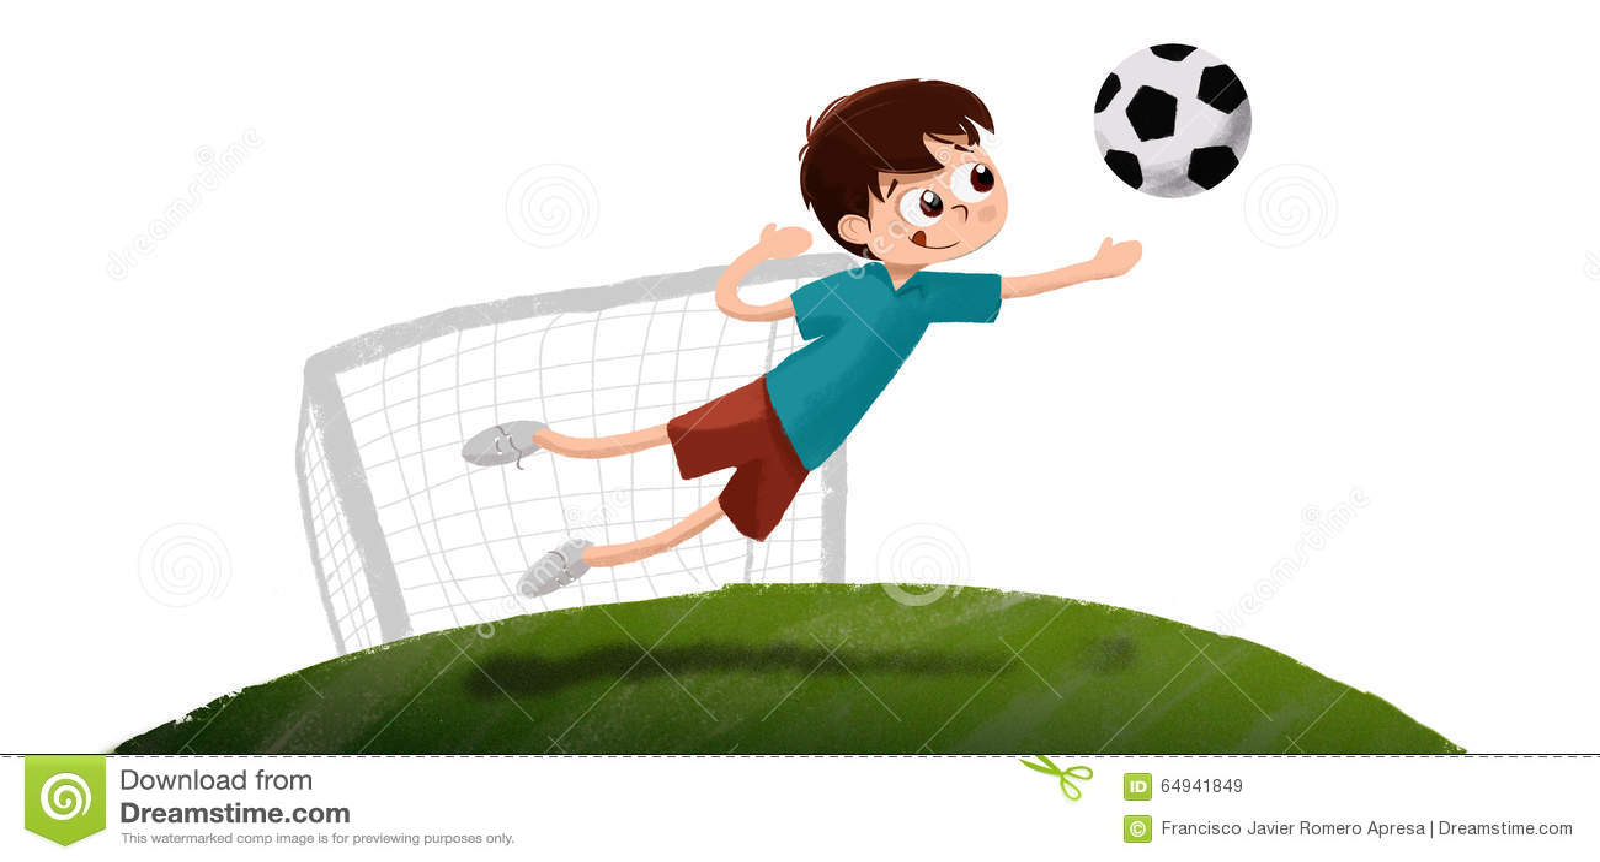 Dessin de gar on jouant le gardien de but du football - Dessin gardien de but ...